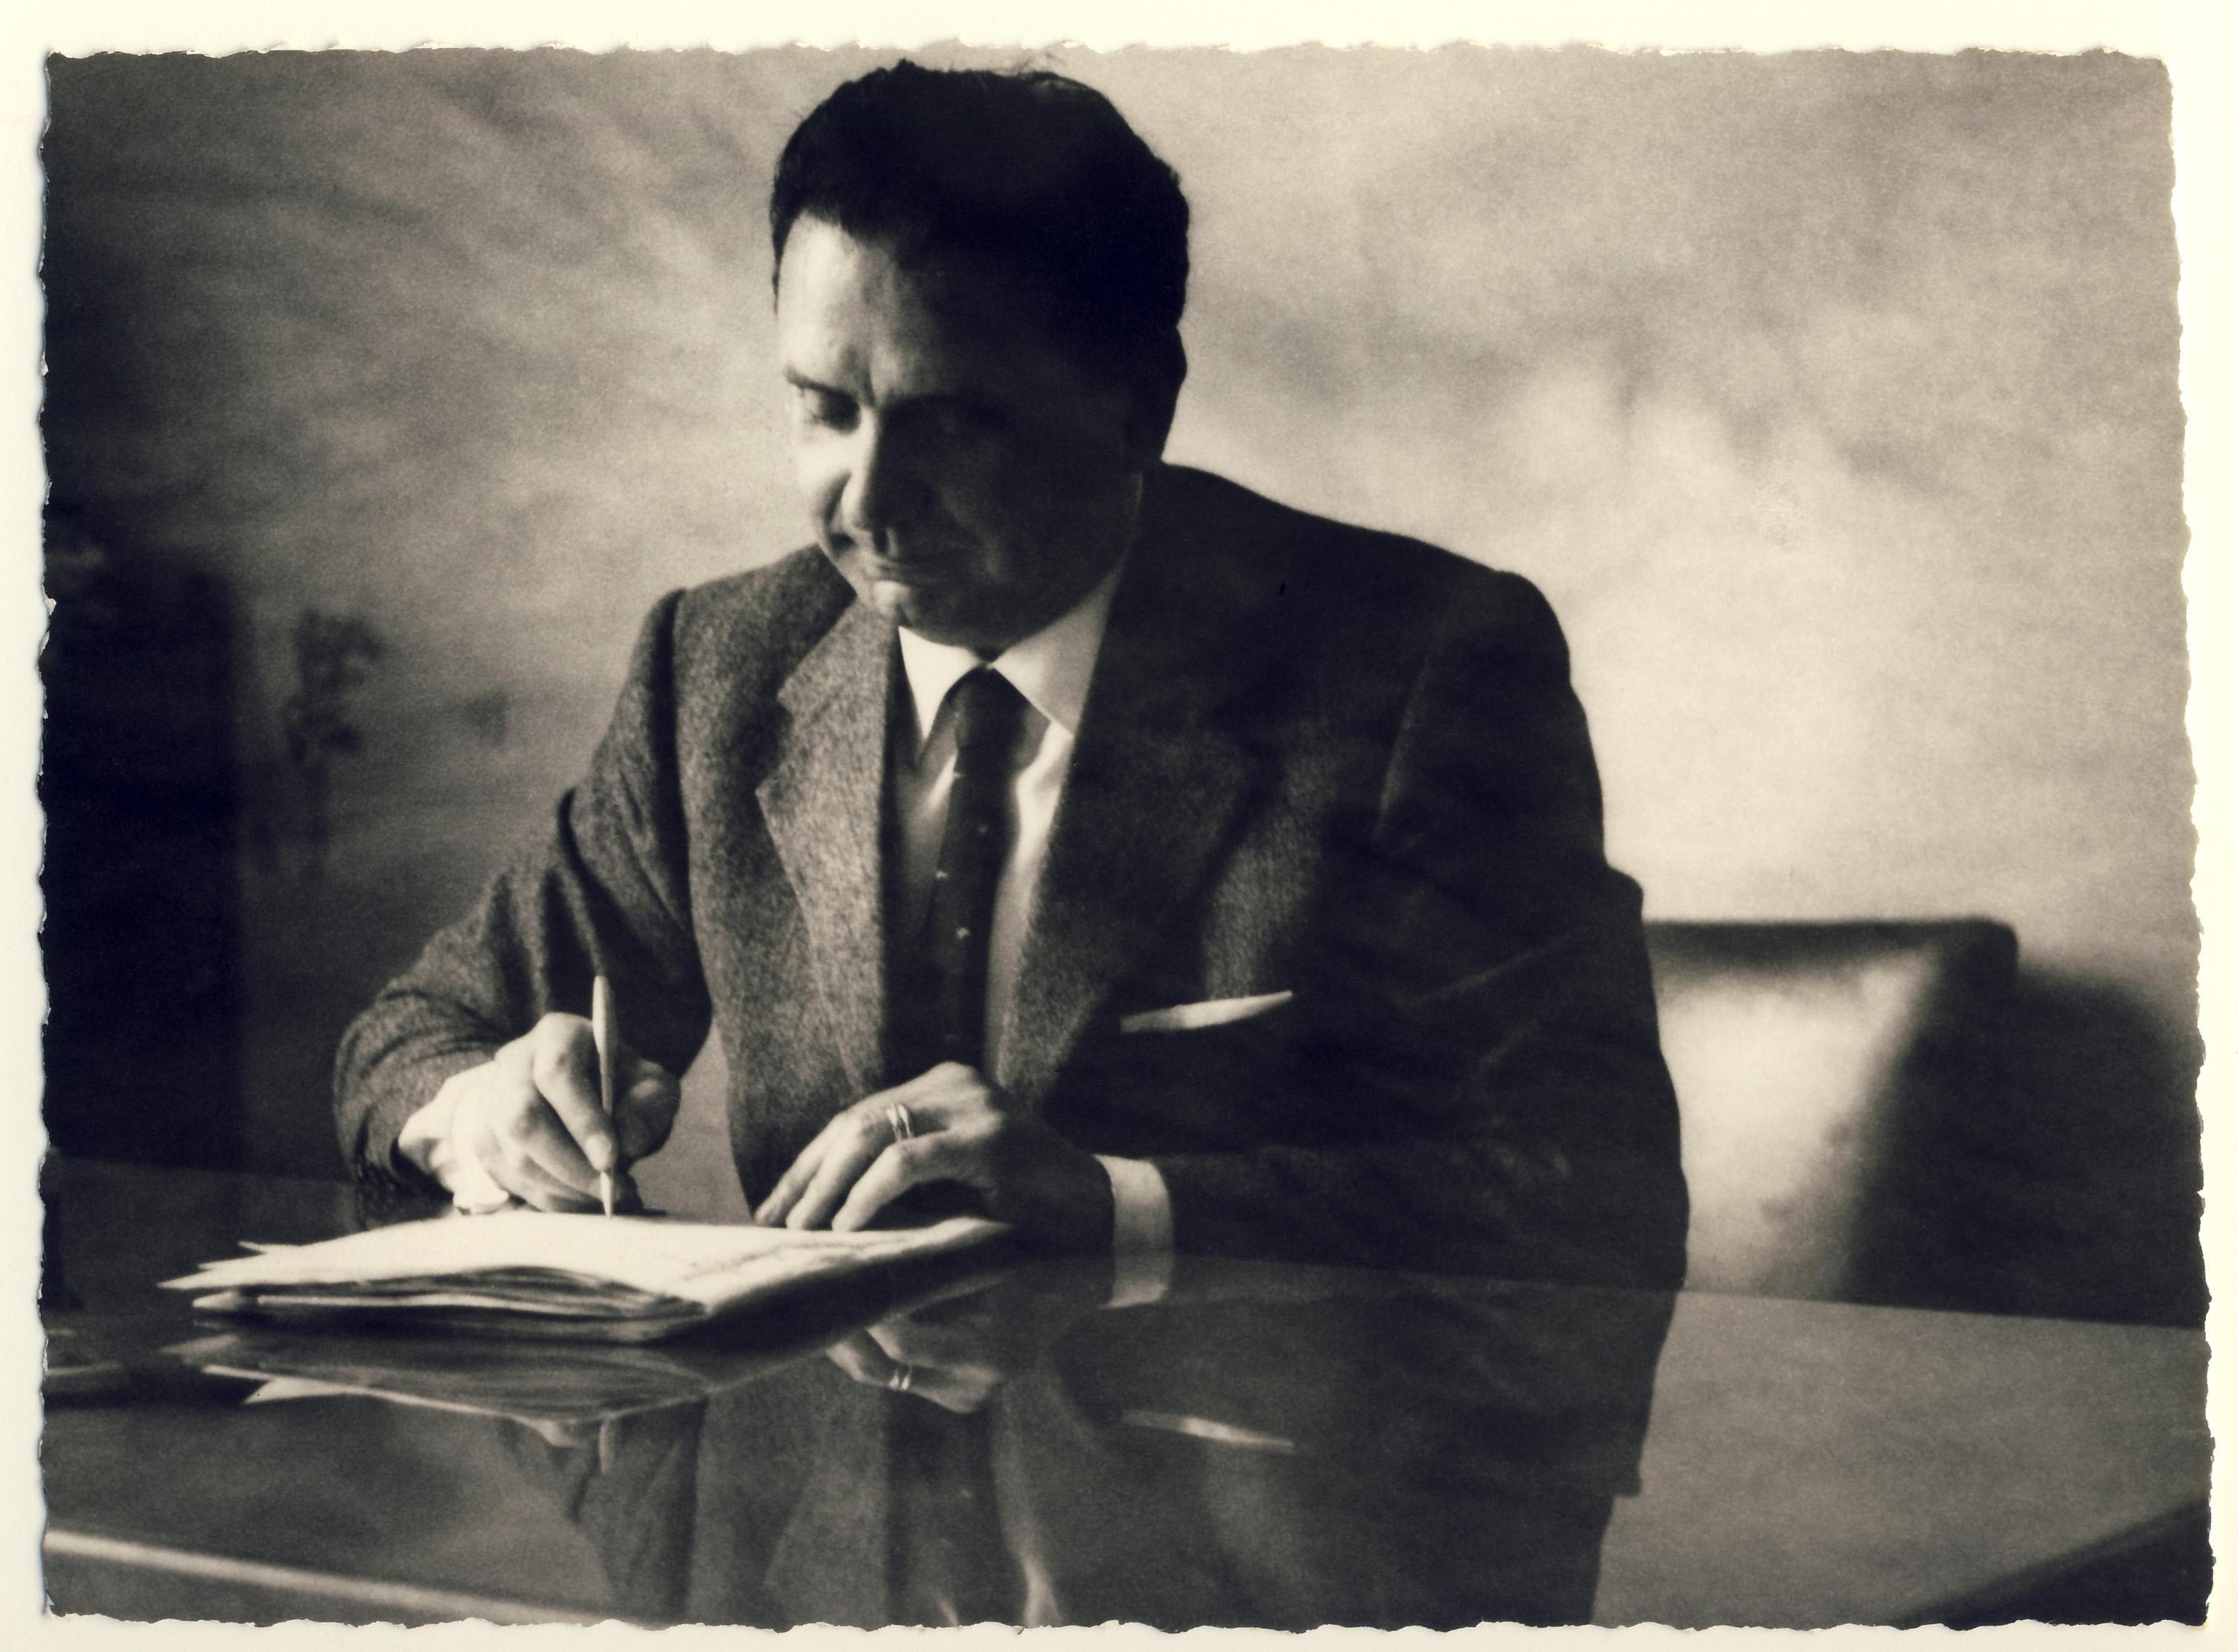 Chi è Rocco Chinnici, la biografia del magistrato ucciso dalla mafia